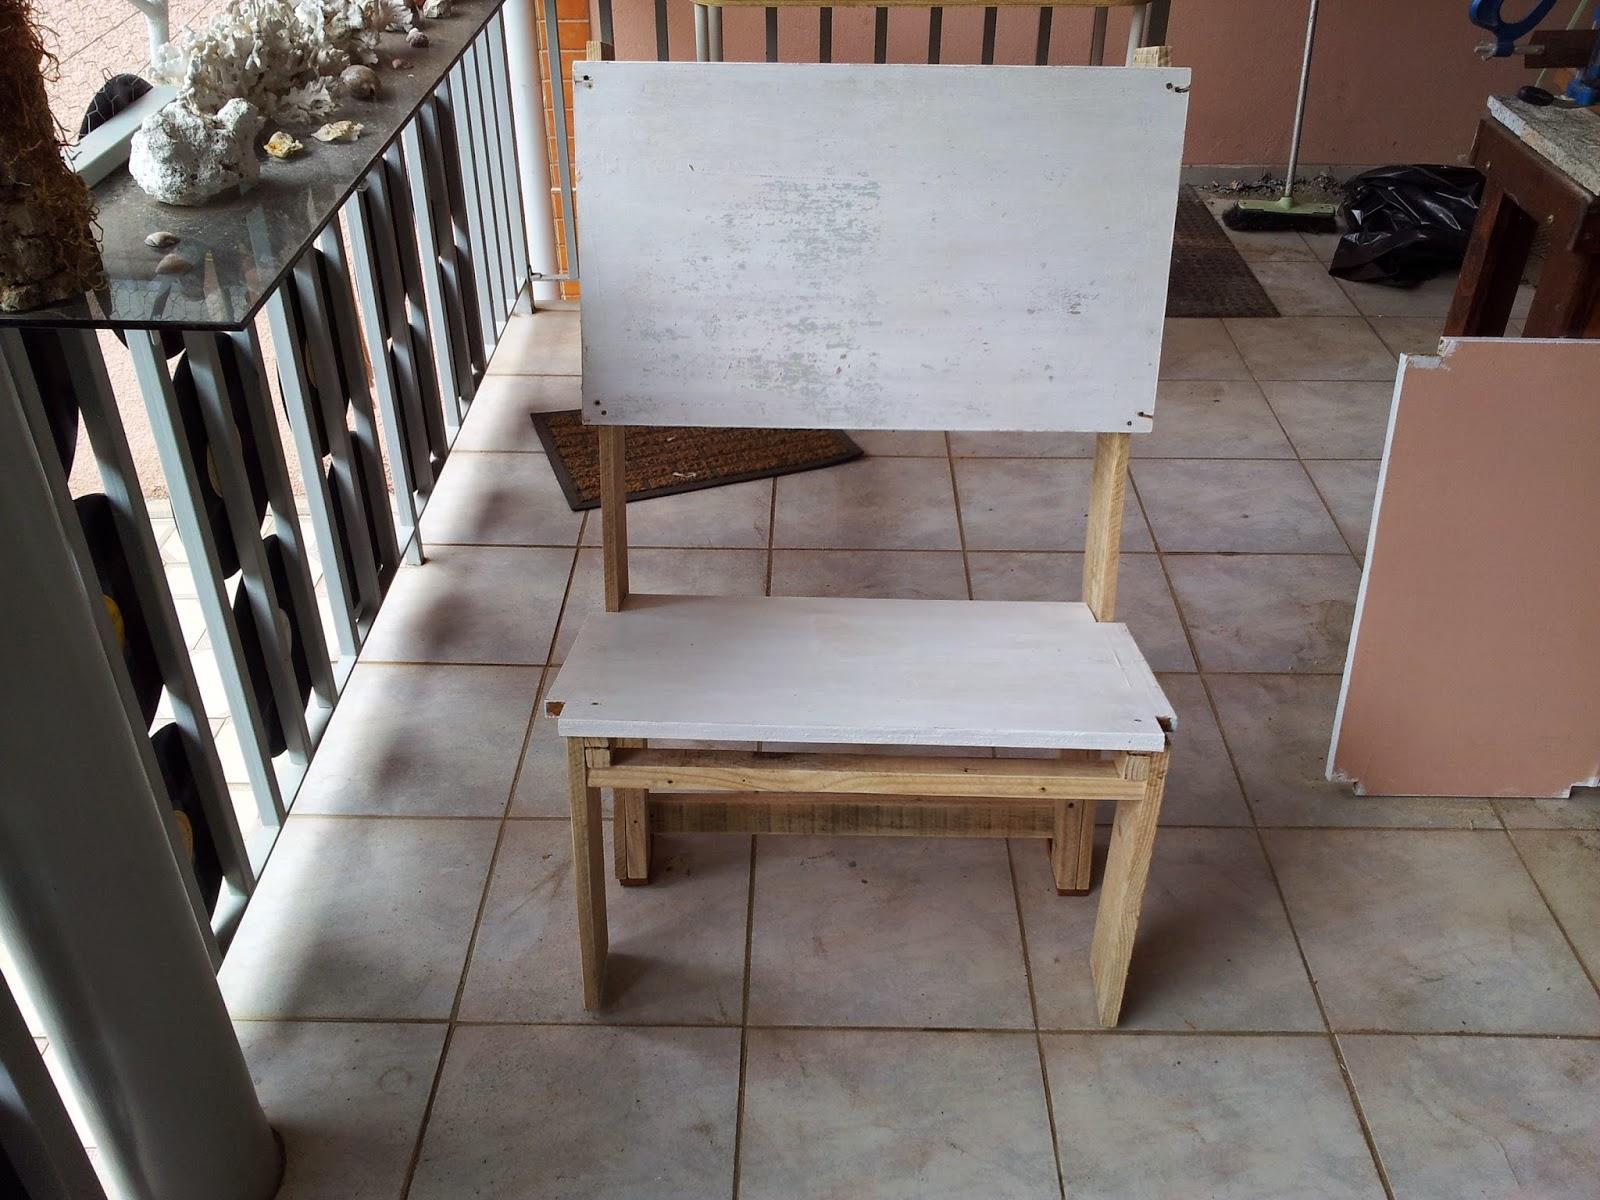 Oficina do Quintal: Como fazer banco de madeira com encosto #9D5D2E 1600x1200